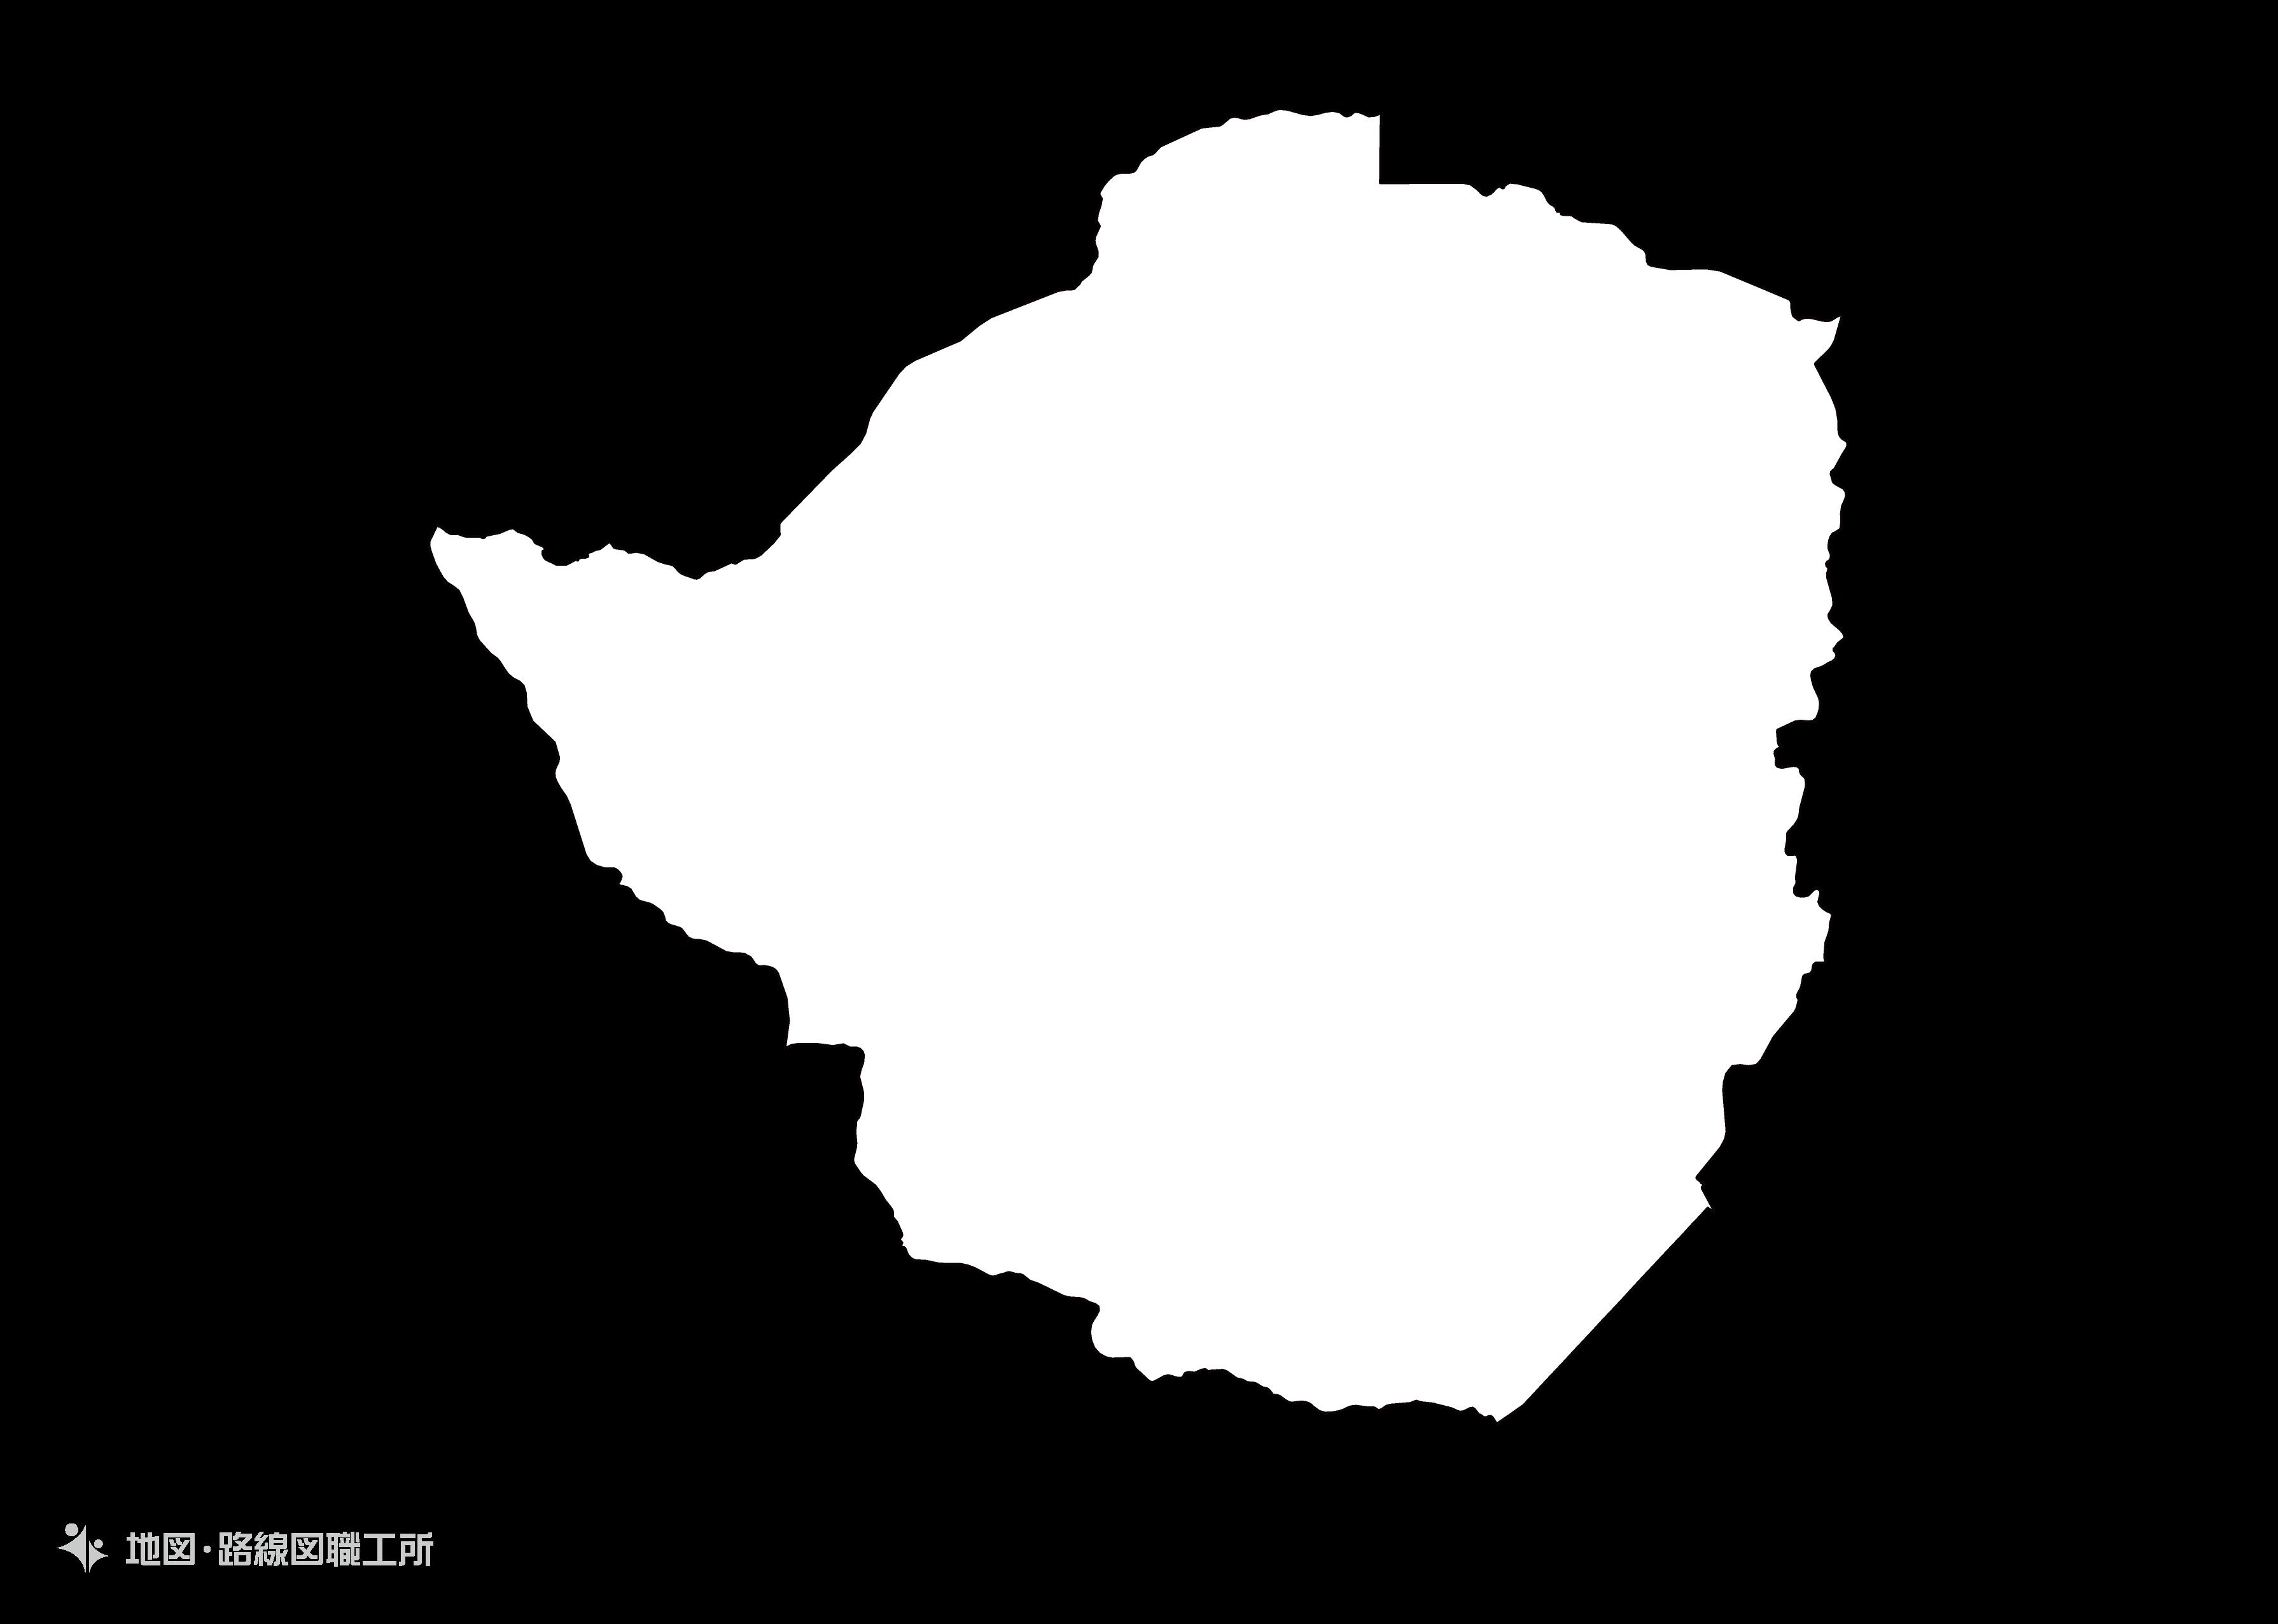 世界の白地図 ジンバブエ共和国 republic-of-zimbabwe map